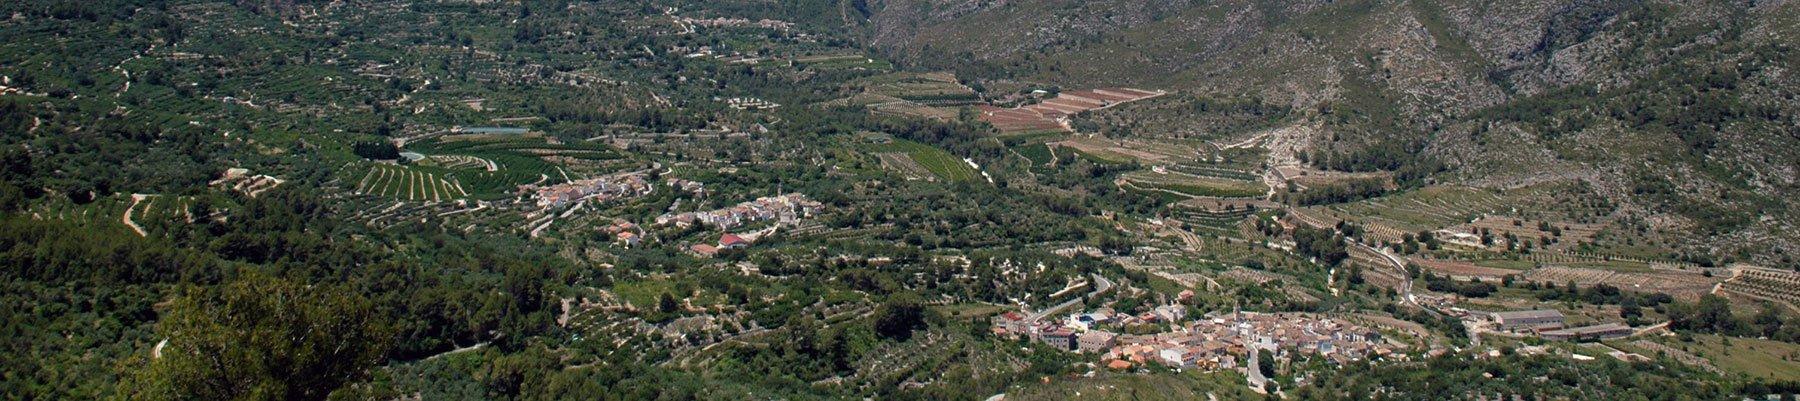 Información Socioeconómica y Laboral del Municipio de La Vall de Gallinera